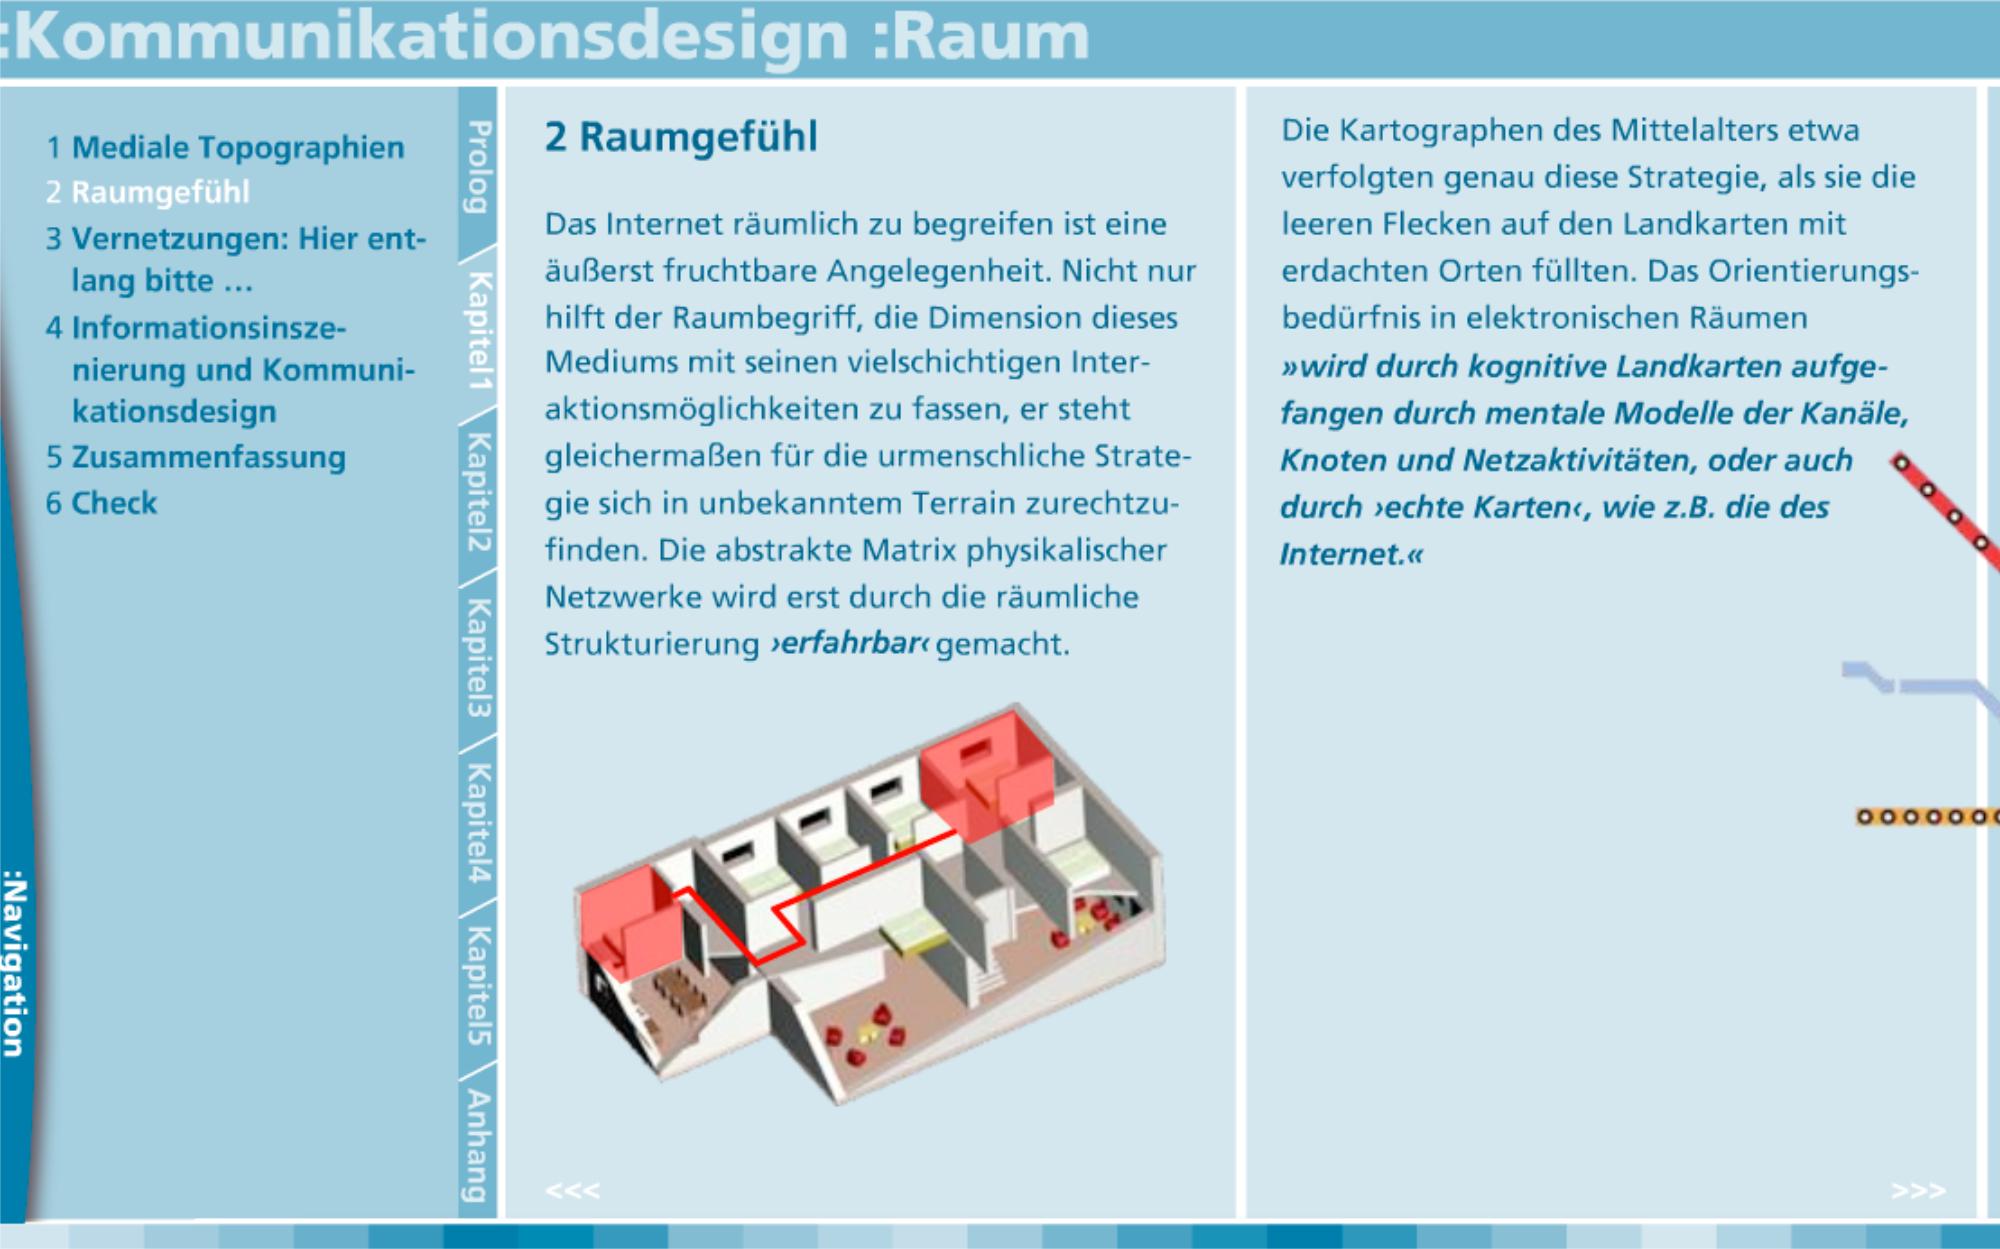 BEITRAGSBILD Kommunikationsdesign Im Onlinejournalismus